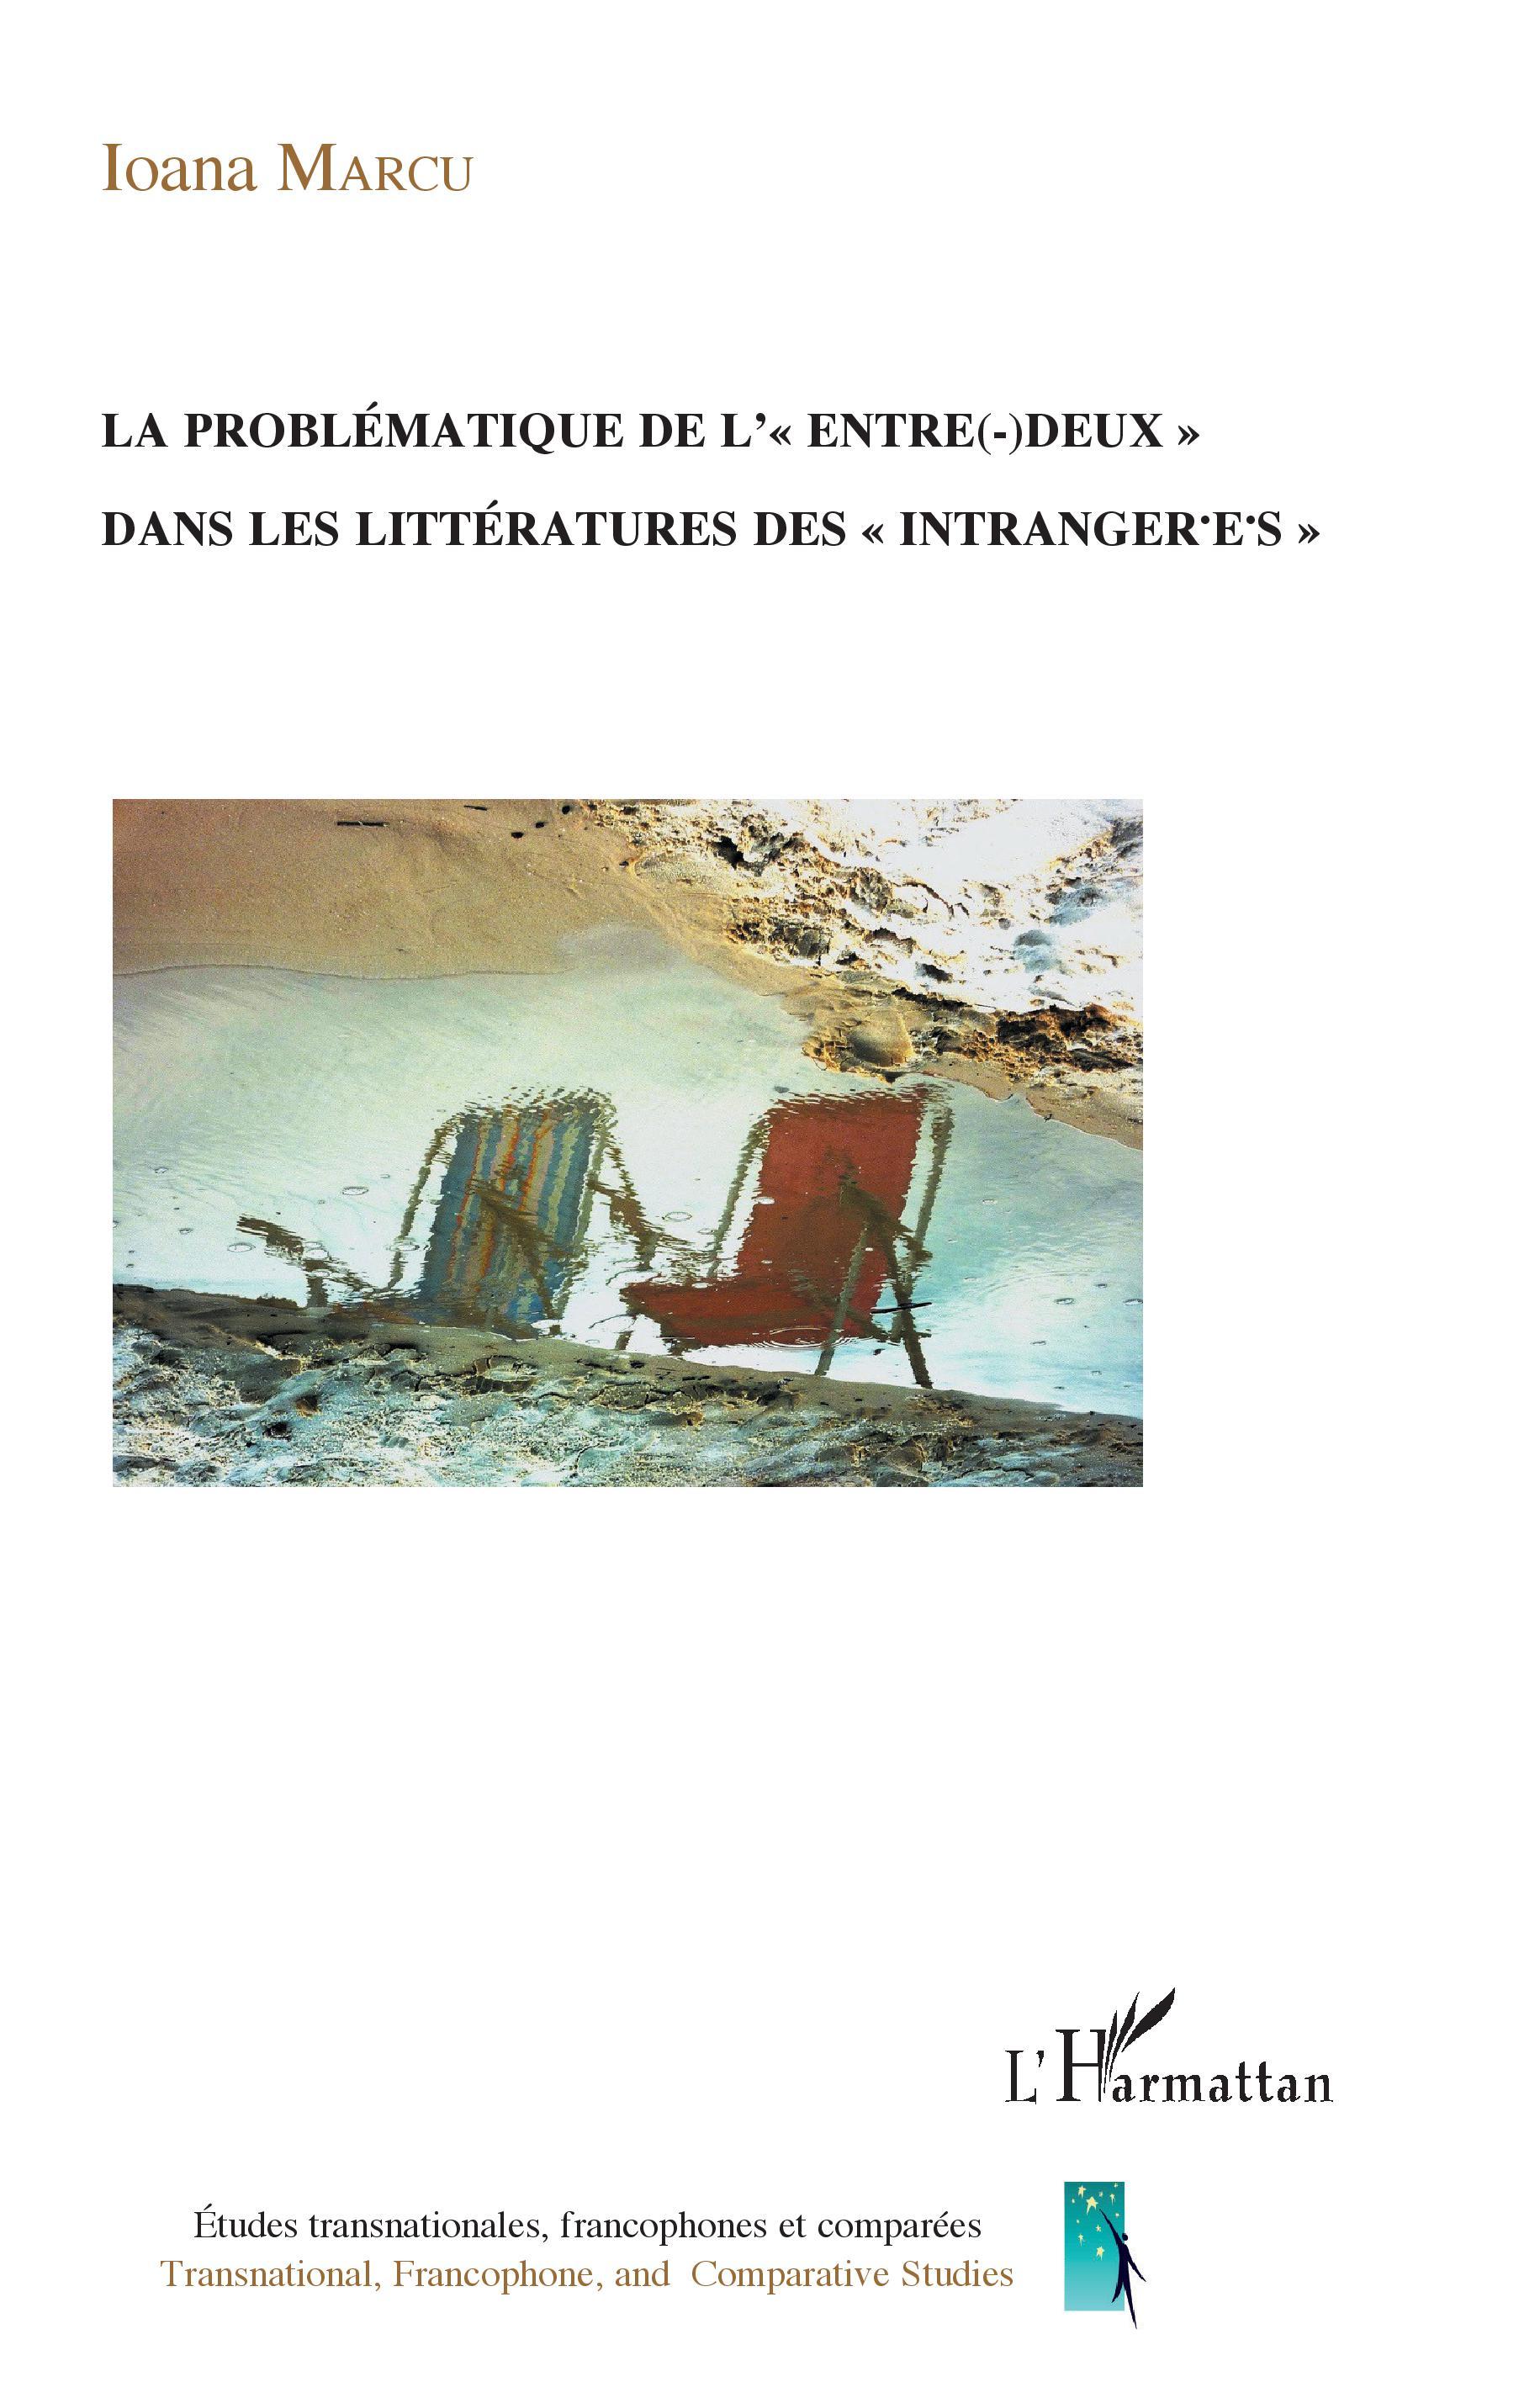 I. Marcu, La problématique de l' « entre(-)deux » dans les littératures des « intranger.e.s »